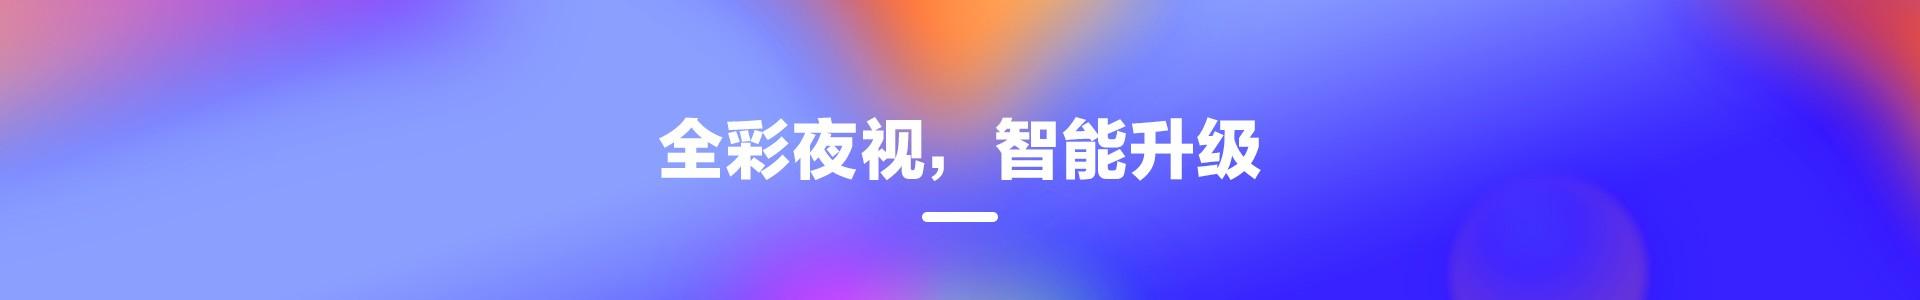 溢彩版-web_03.jpg